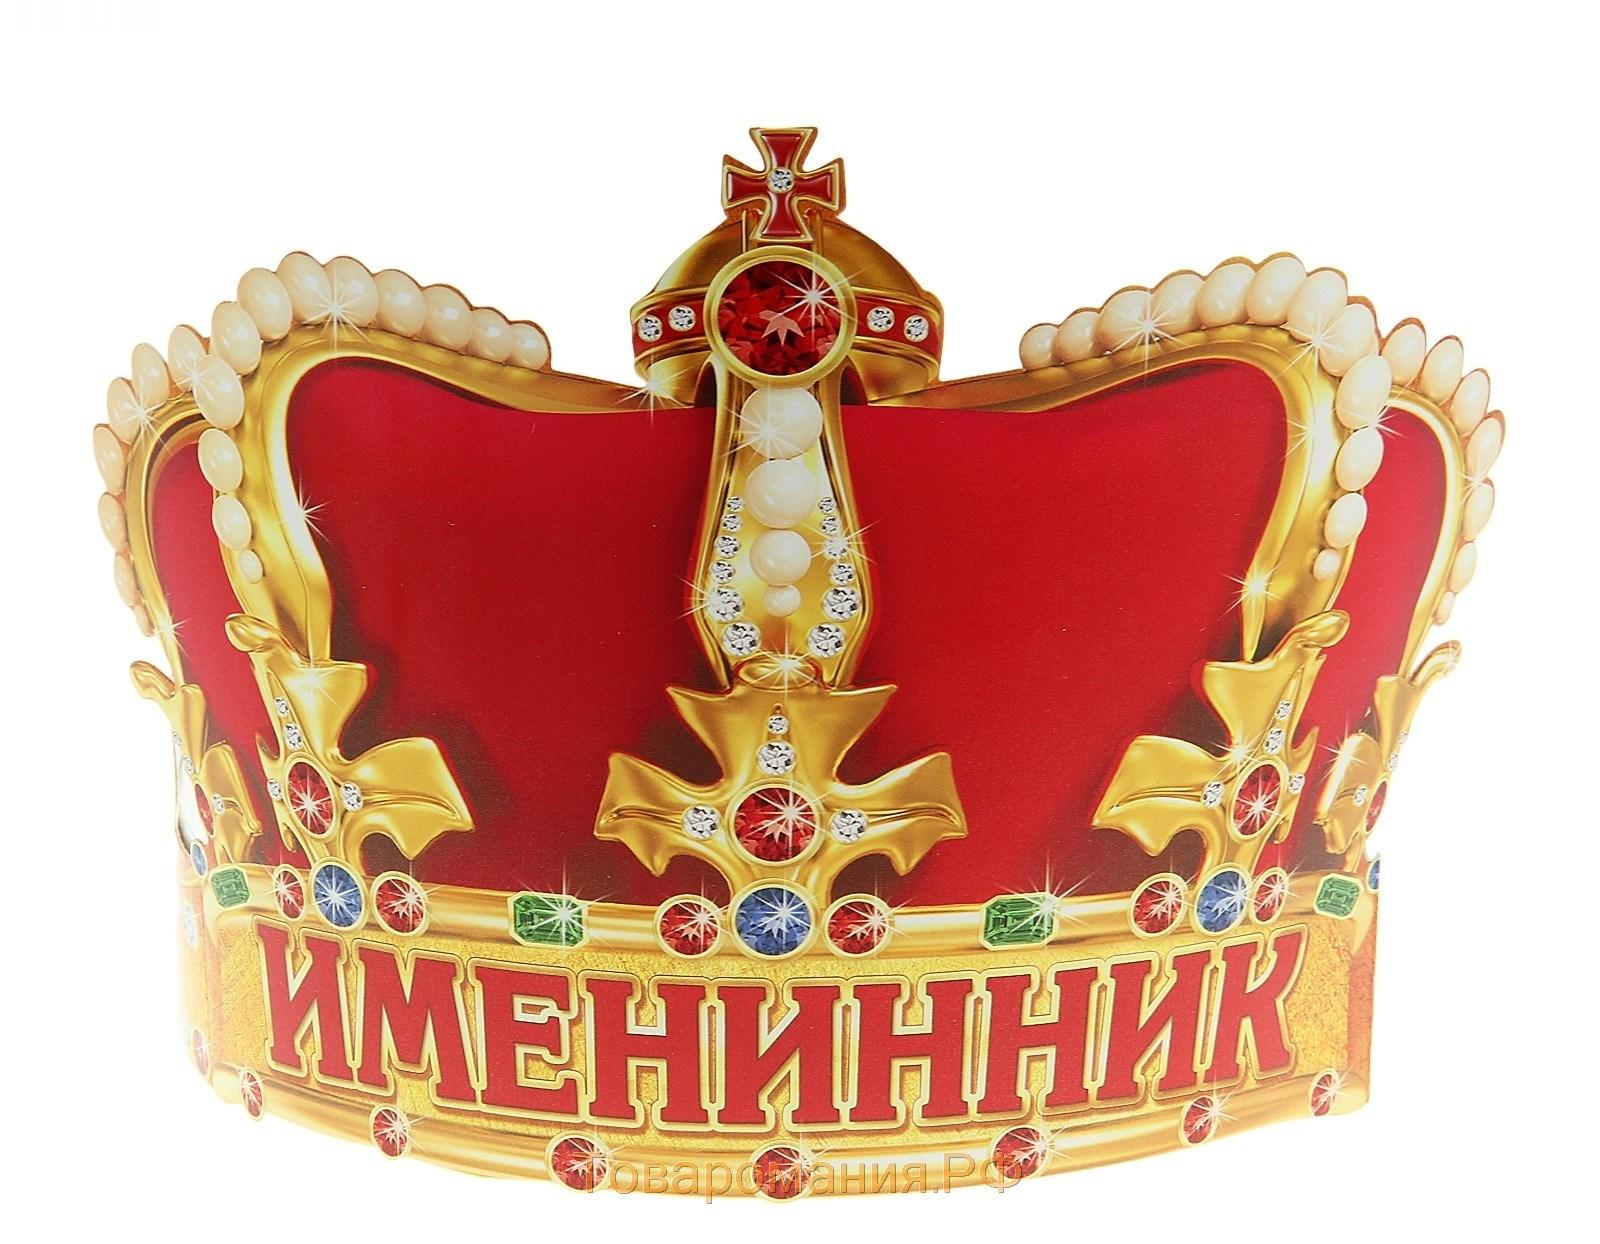 Поздравление именинника как царя